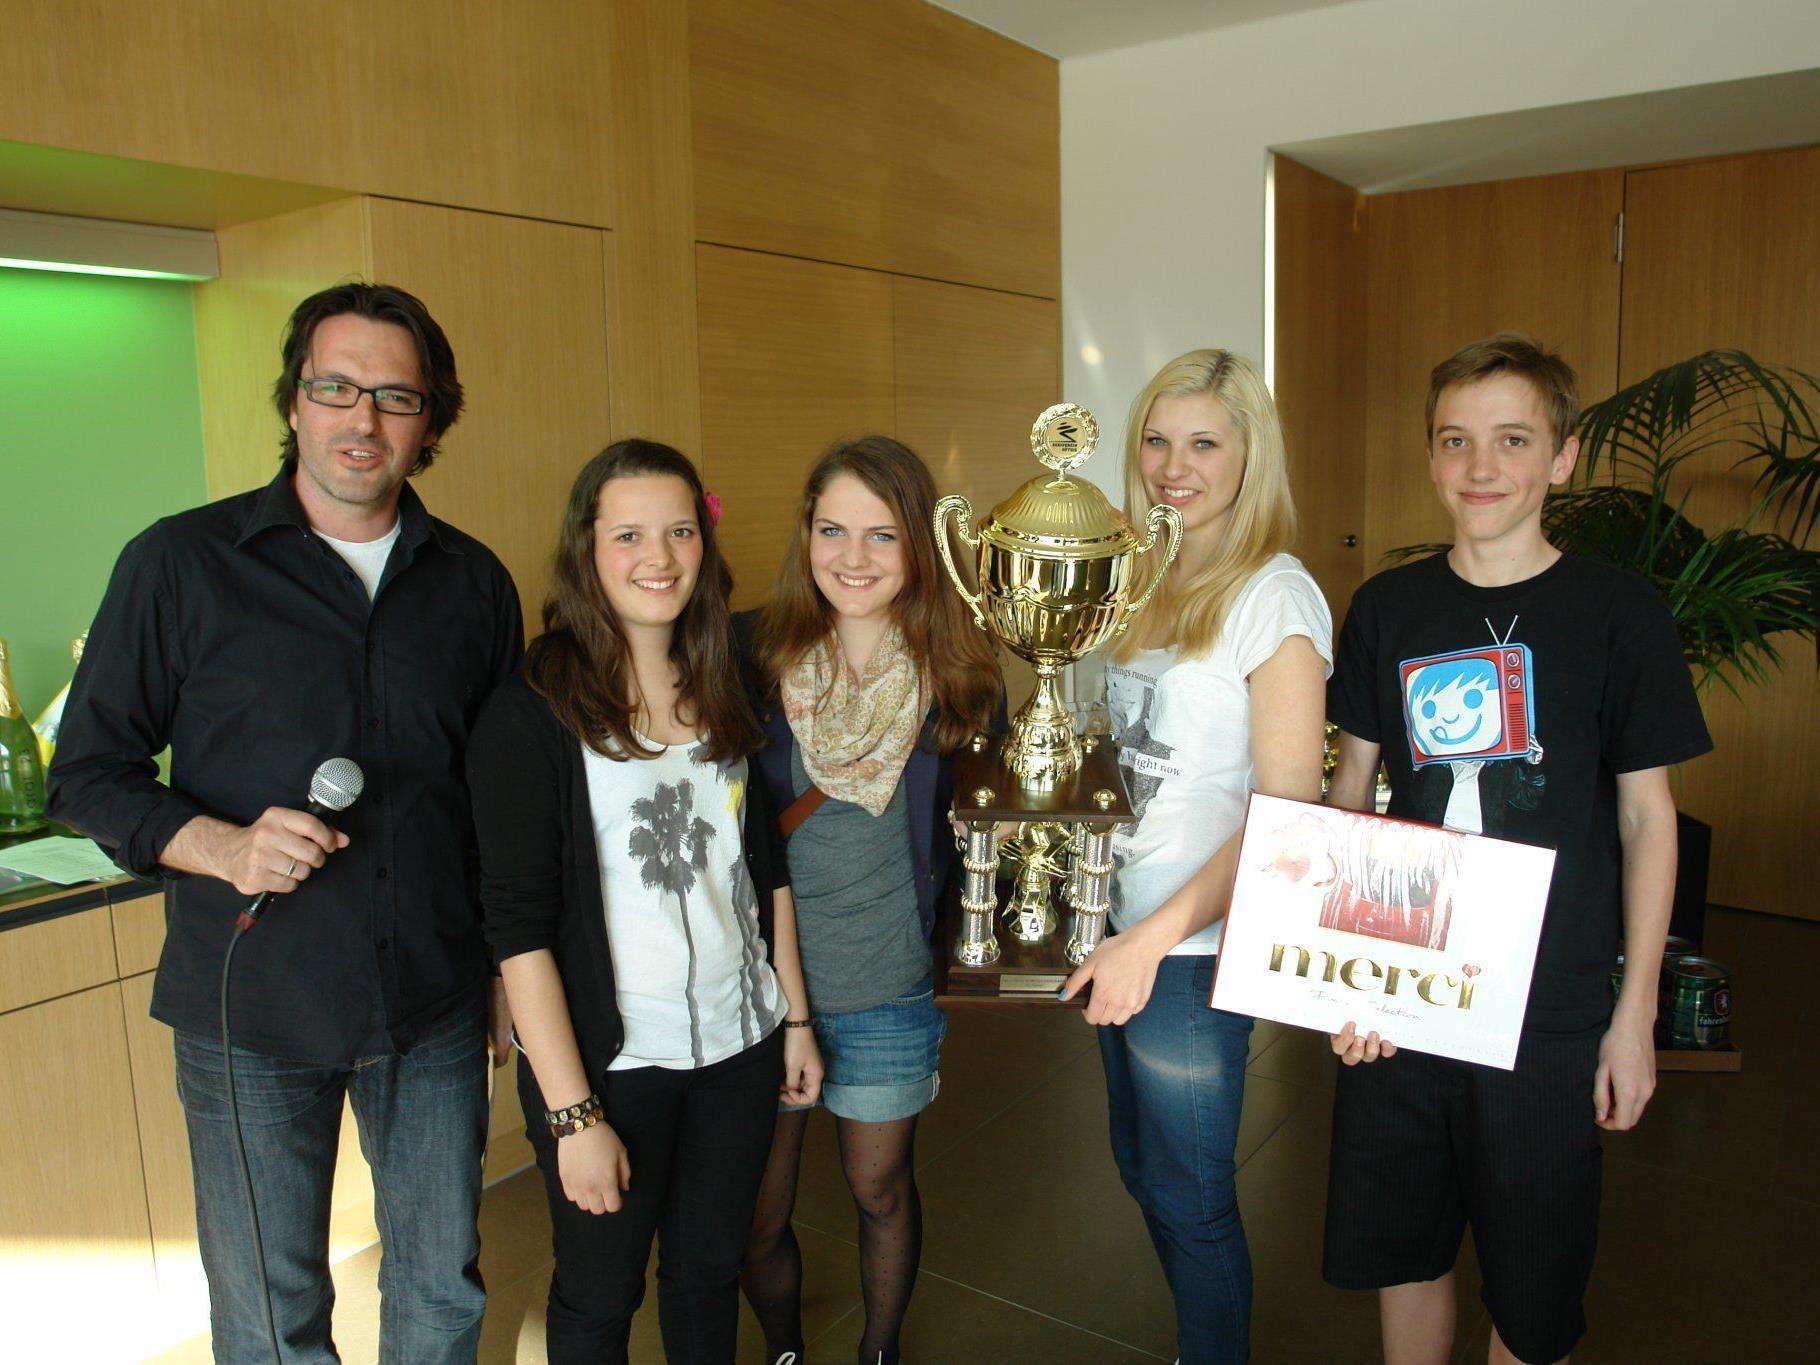 Das Siegerteam mit Katharina Auer, Christina Jagg, Chantal Derka und Sebastian Corn